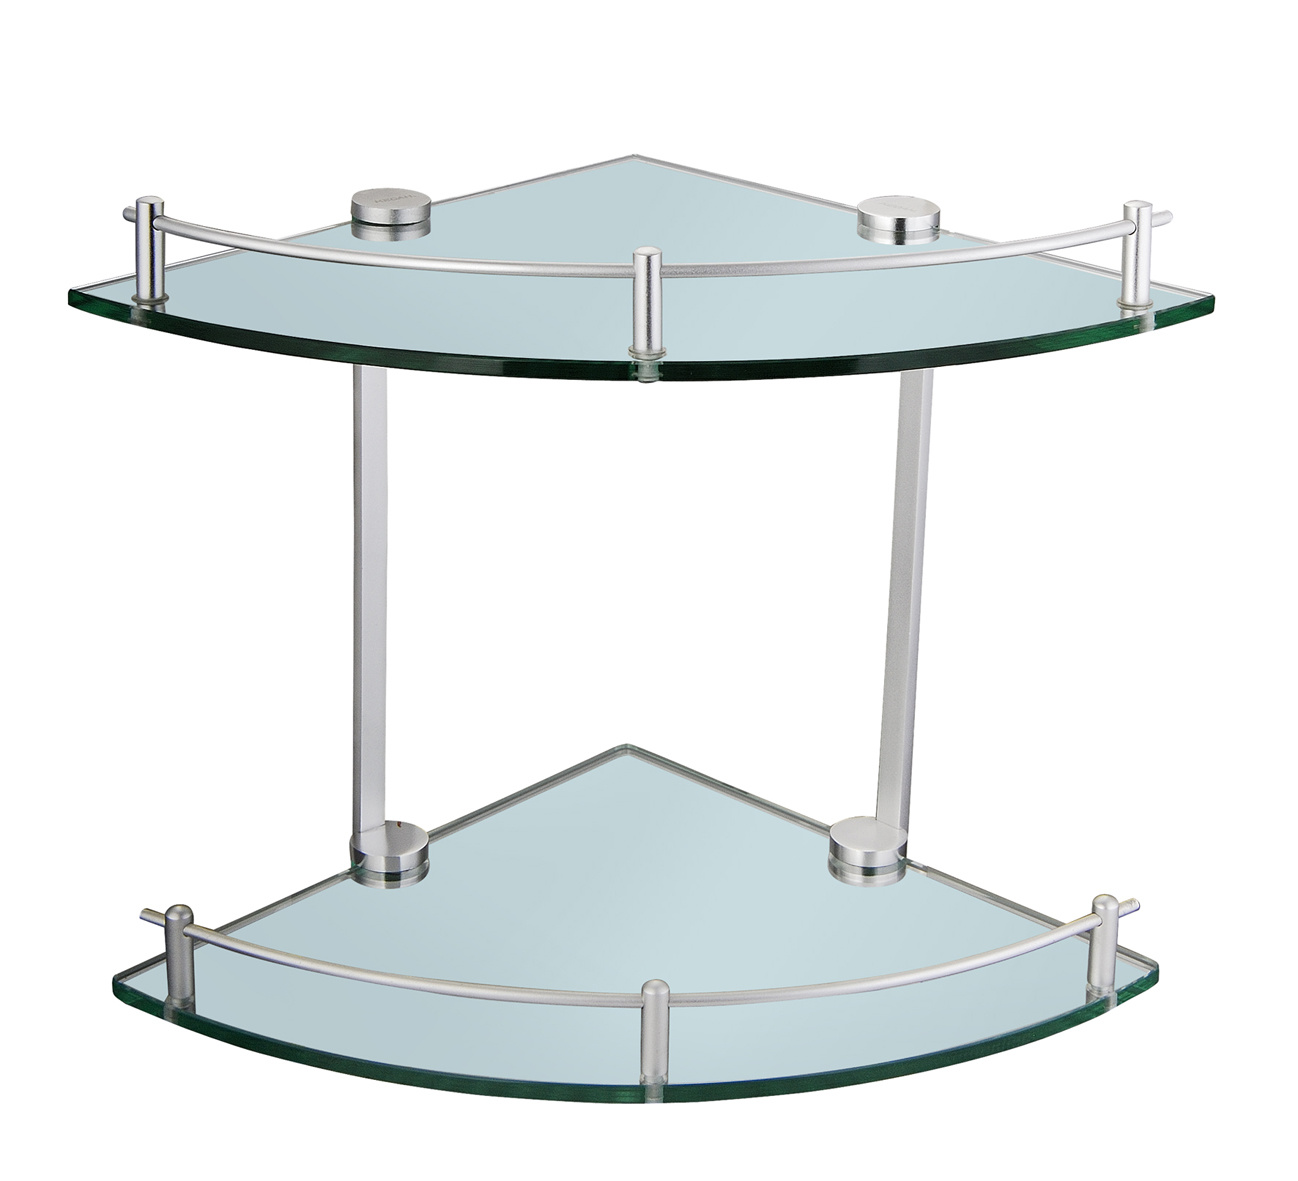 Prateleira de vidro dobro do ângulo (KD L5621) –Prateleira de vidro  #1C3328 1298x1181 Acessorios Banheiro China